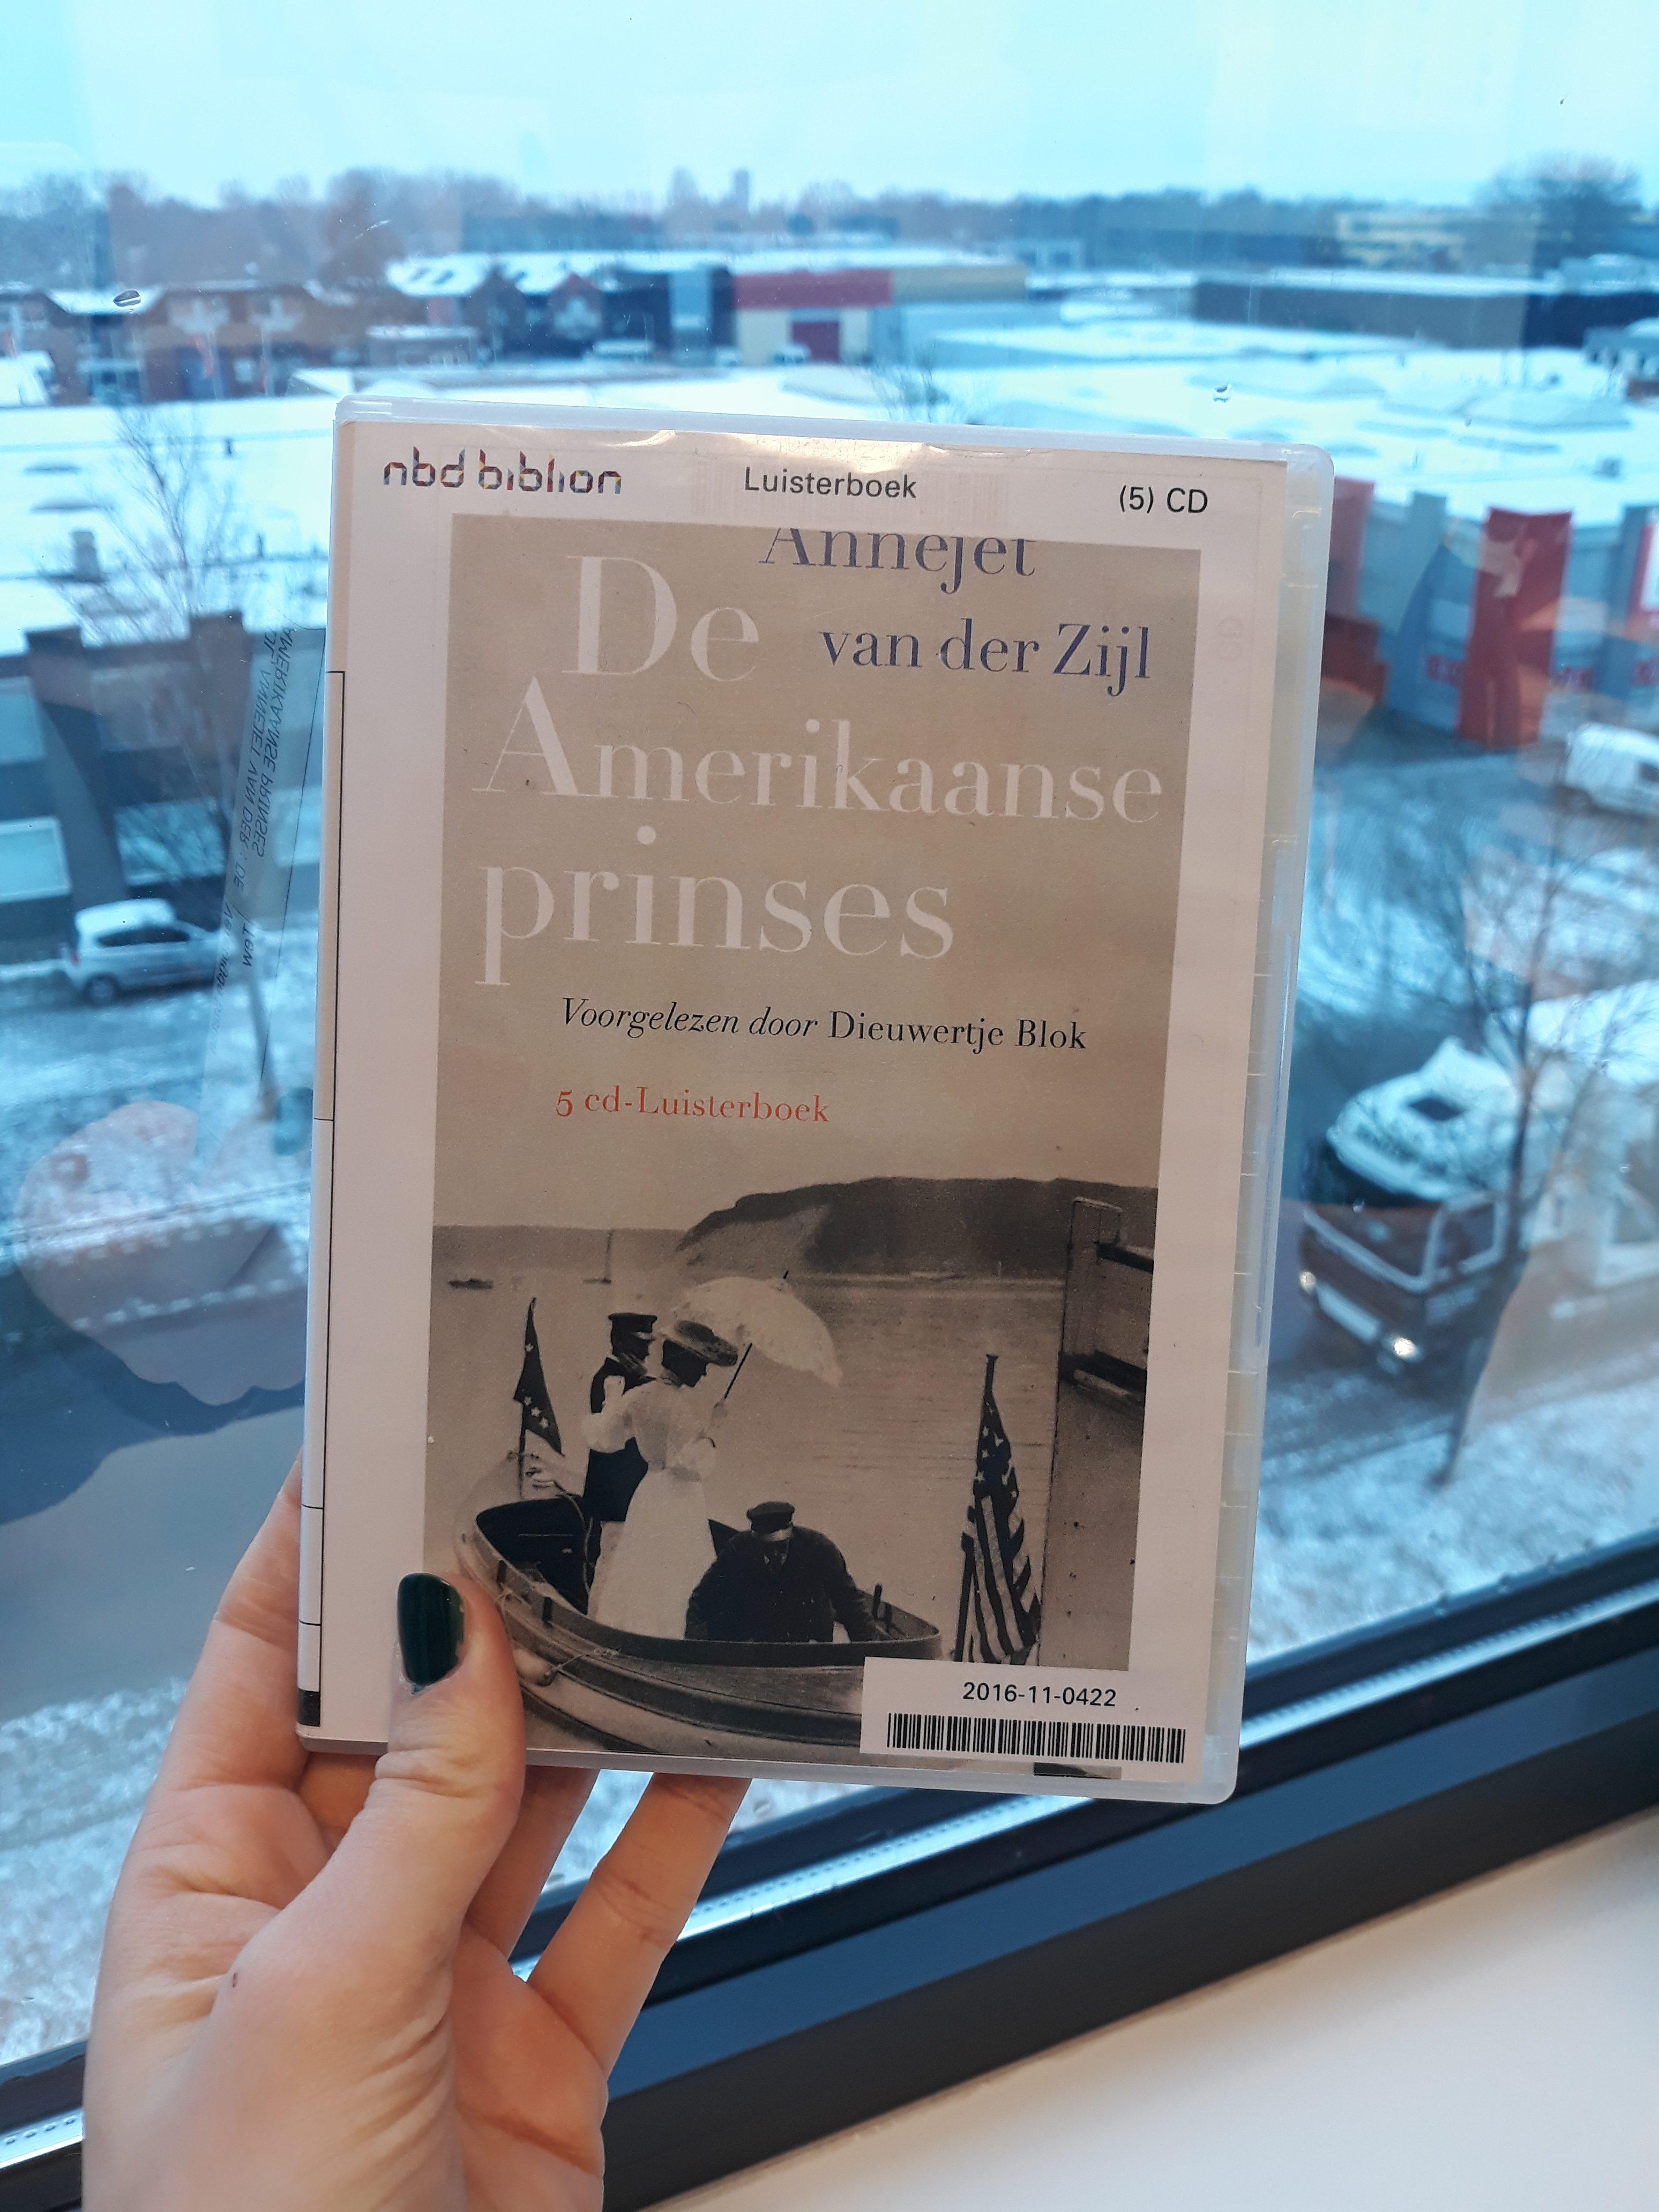 Boekrecensie: De Amerikaanse prinses – Annejet van der Zijl